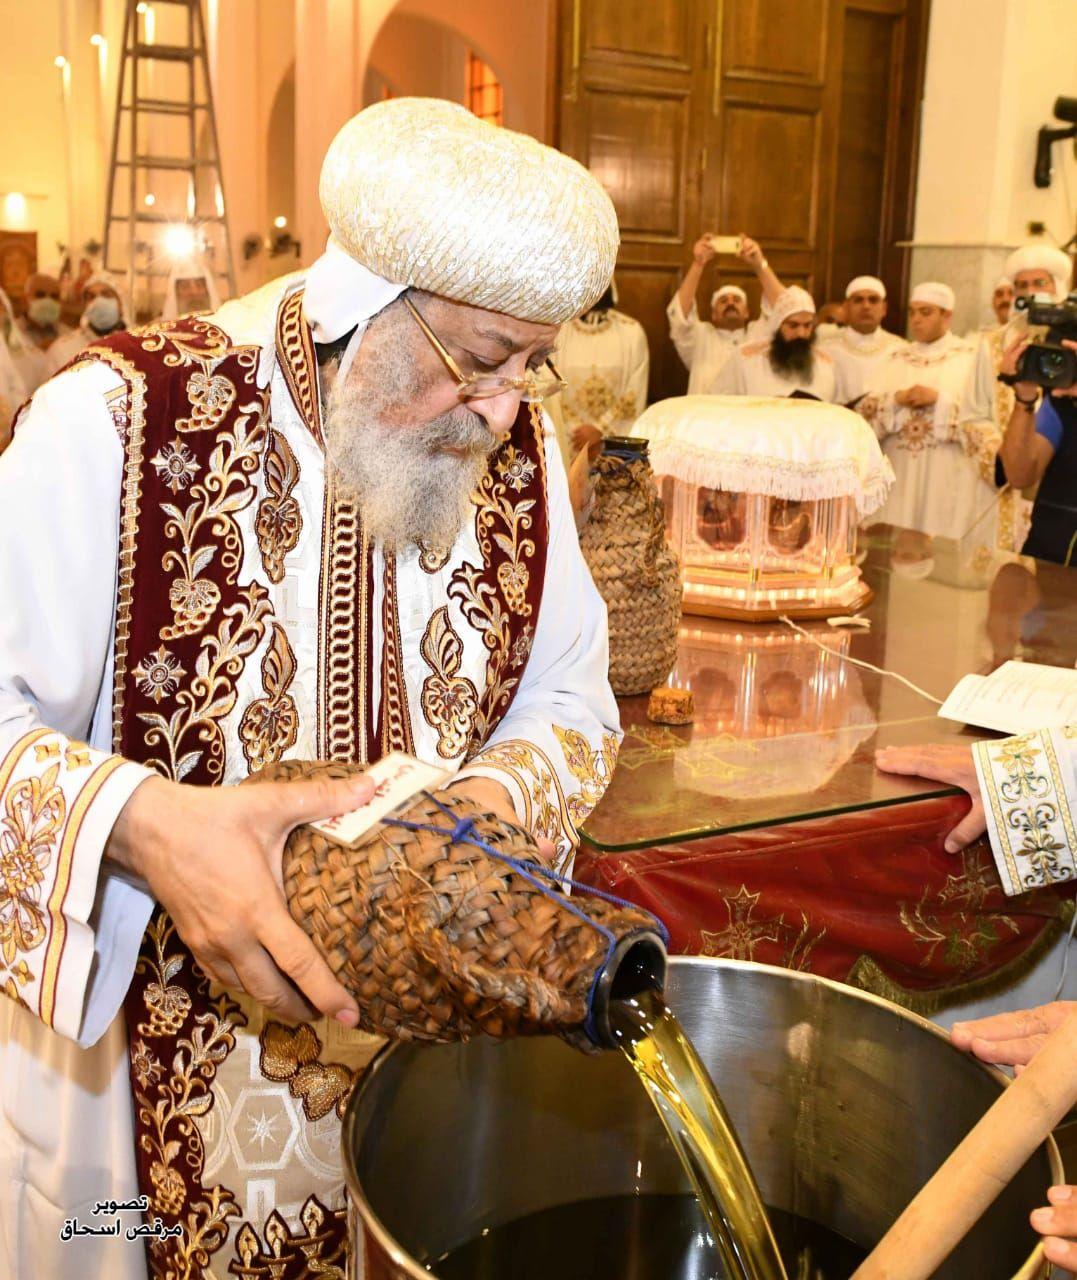 البابا تواضروس خلال وضع خميرة زيت الميرون